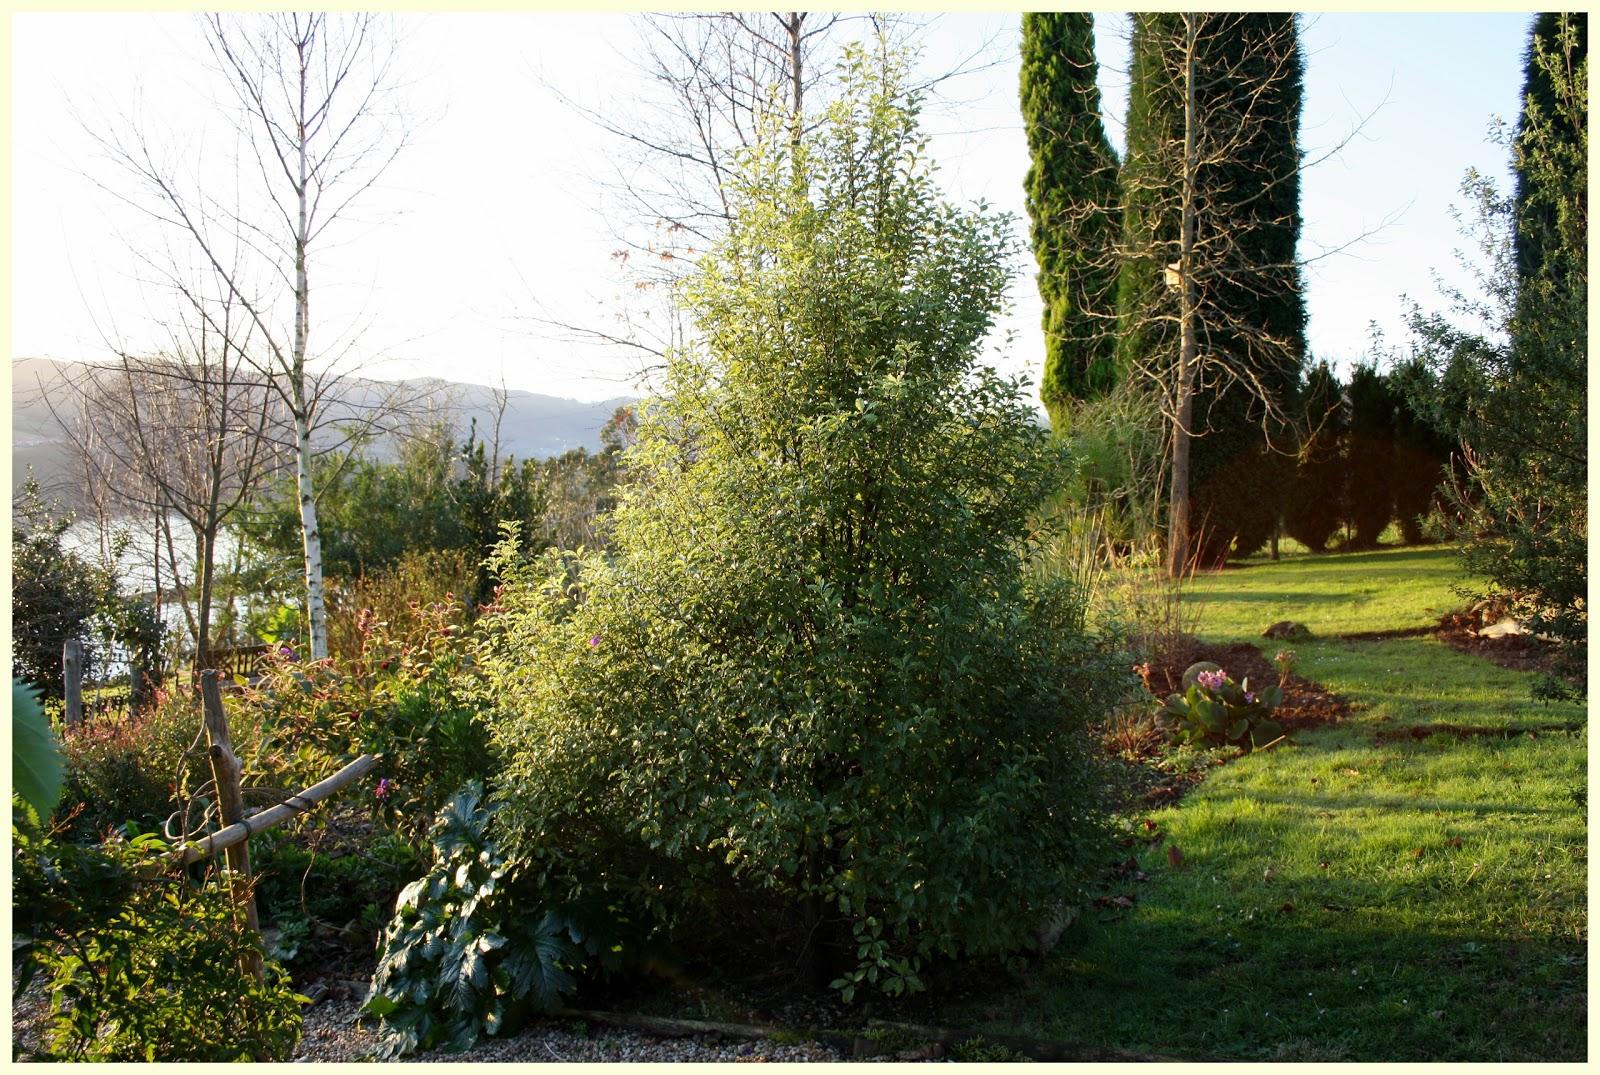 El jard n de margarita pittosporum tenuifolia y azara for Arboles jardin hoja perenne